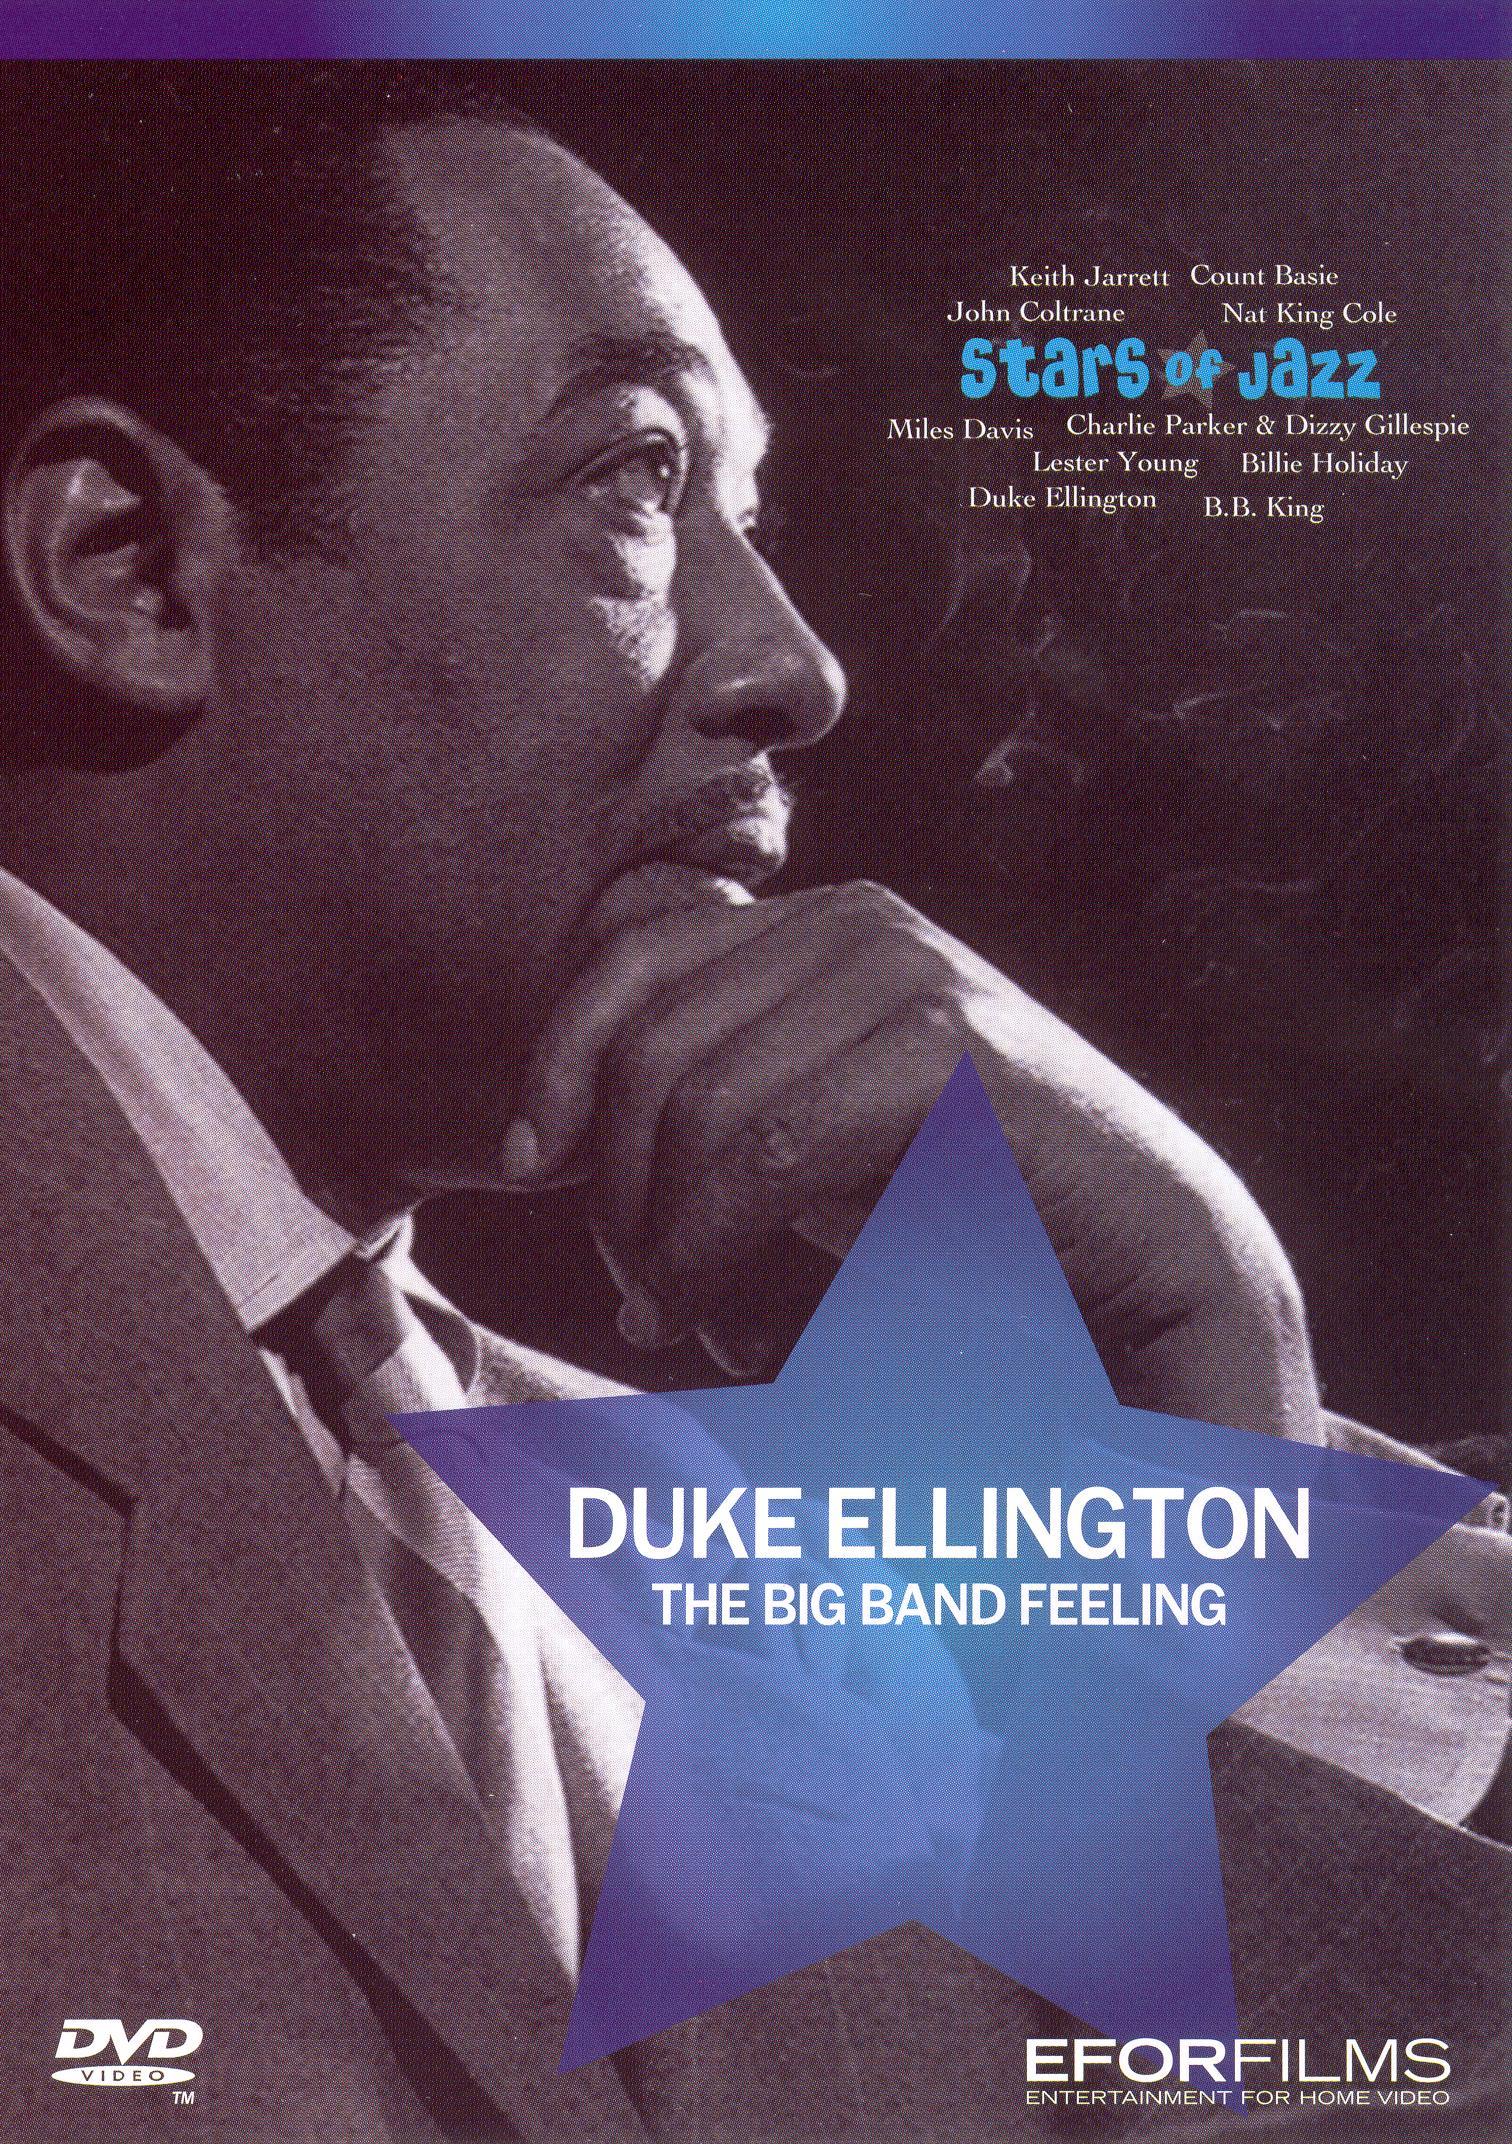 Duke Ellington: The Big Band Feeling